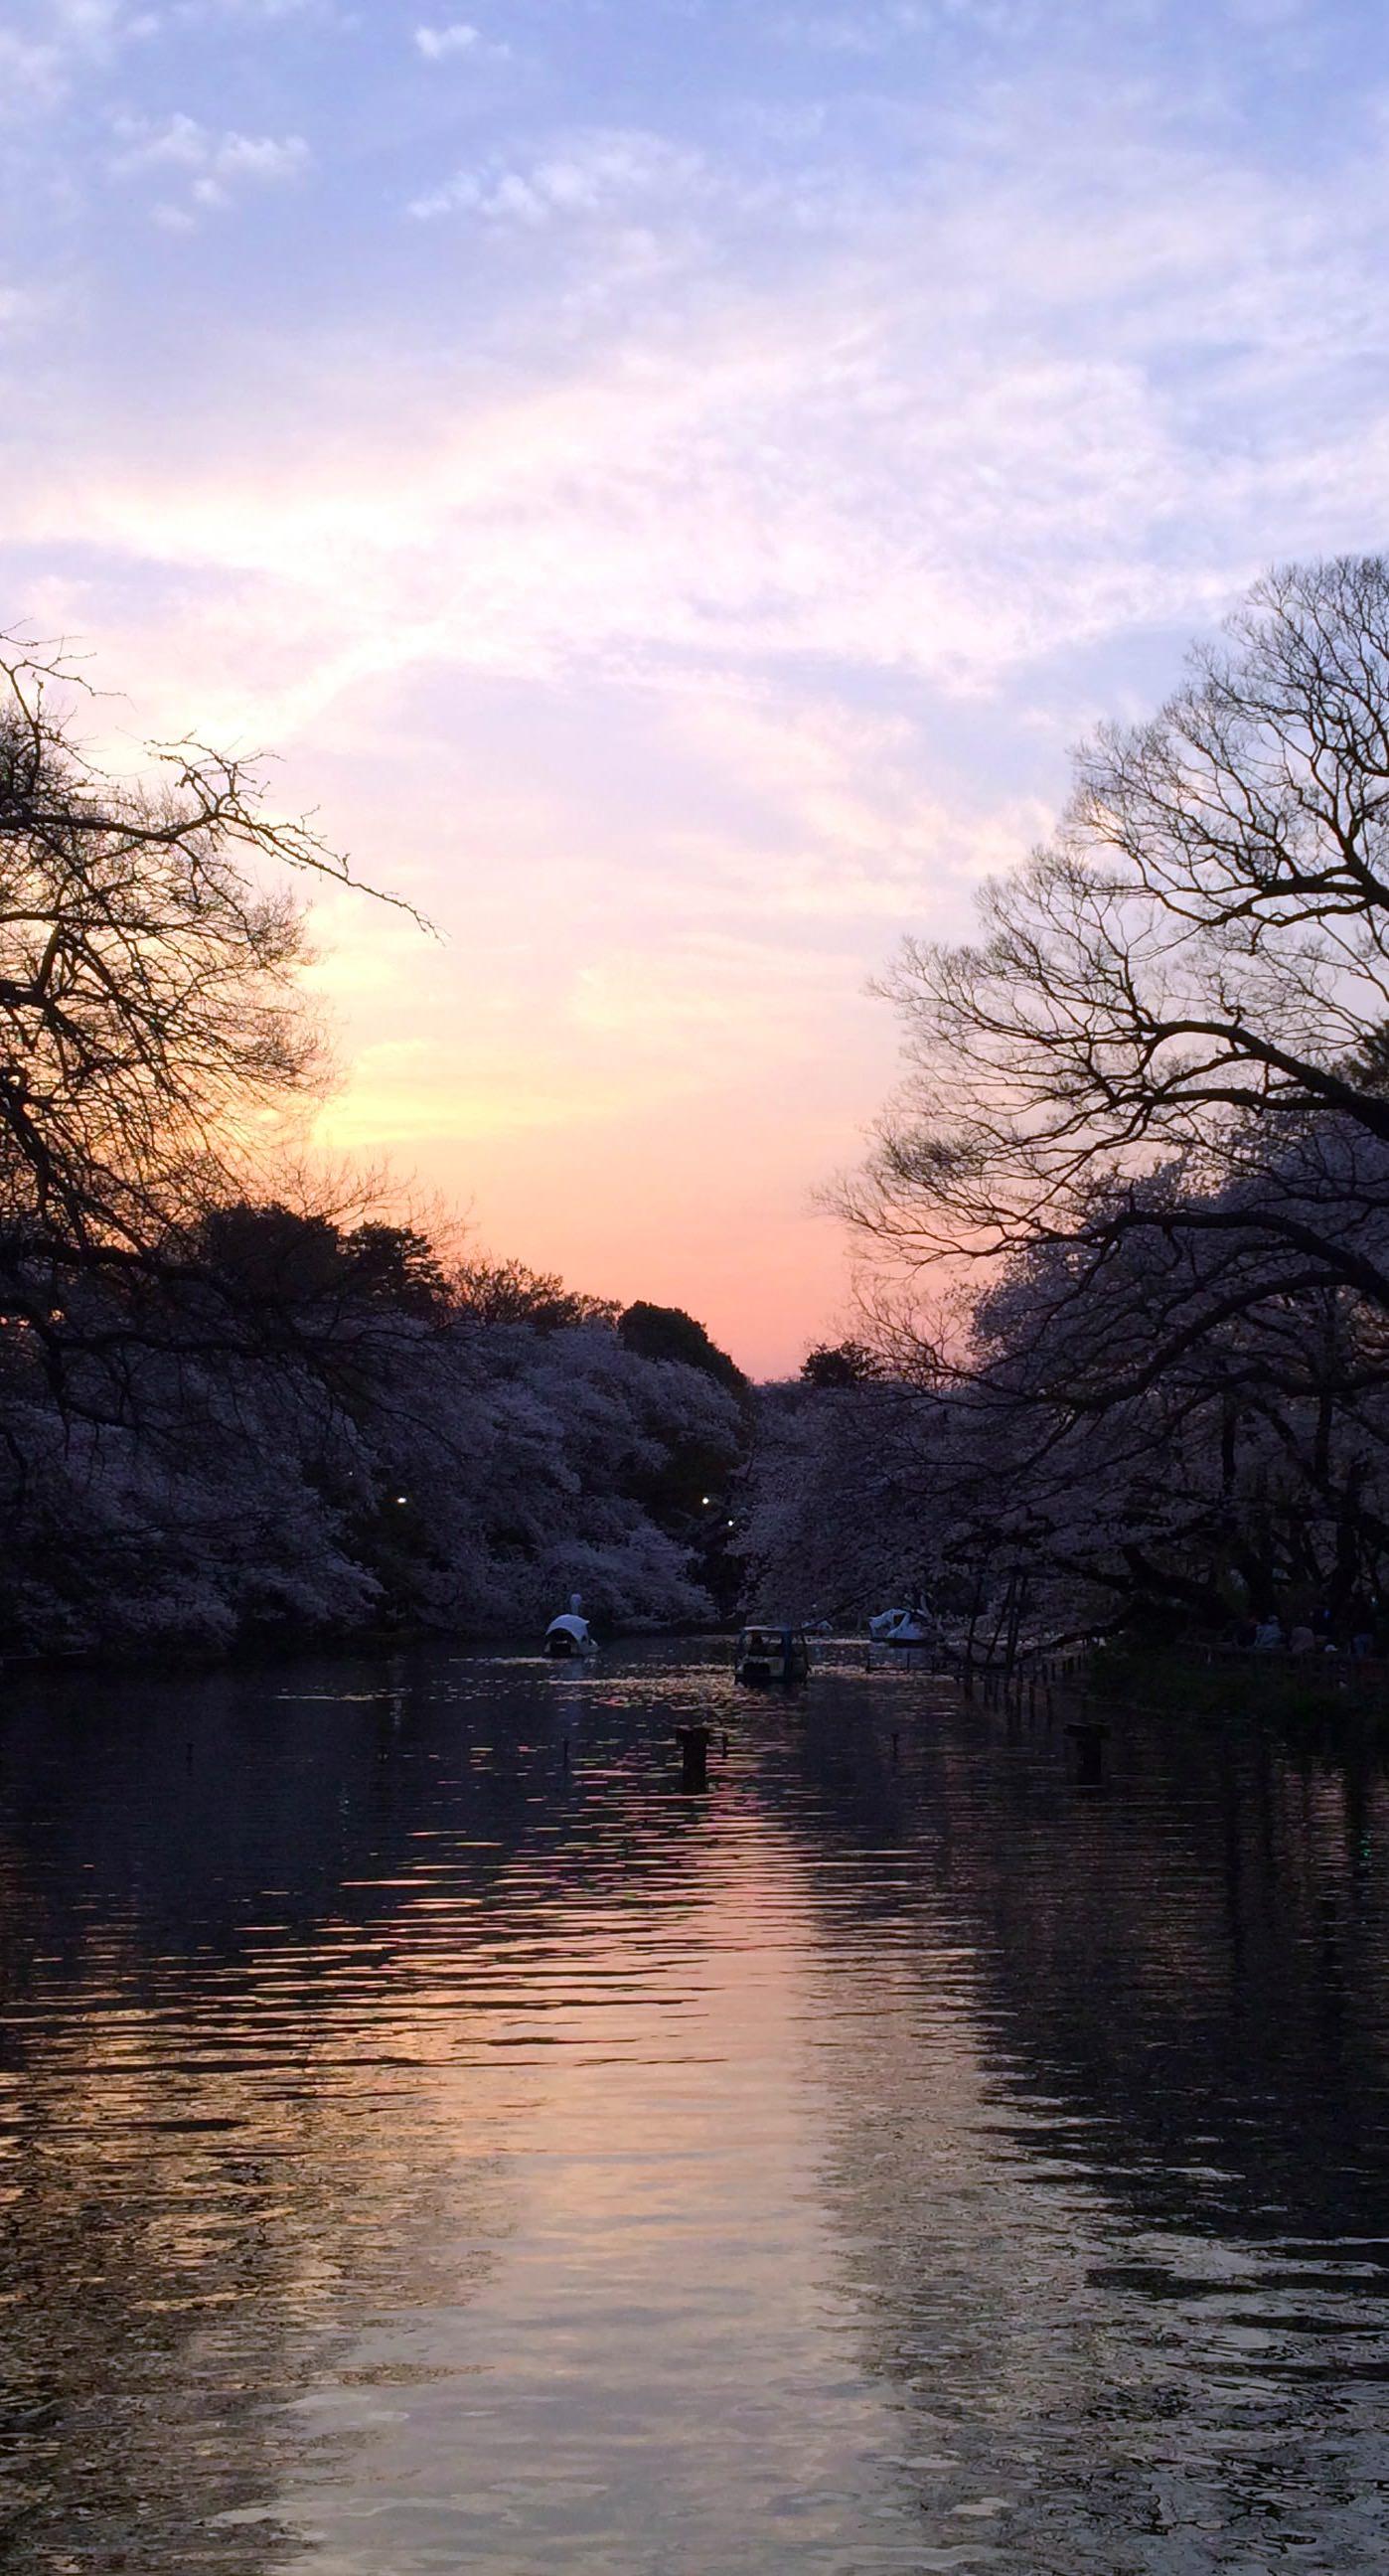 Pemandangan Kolam Matahari Terbenam Wallpapersc IPhone7Plus